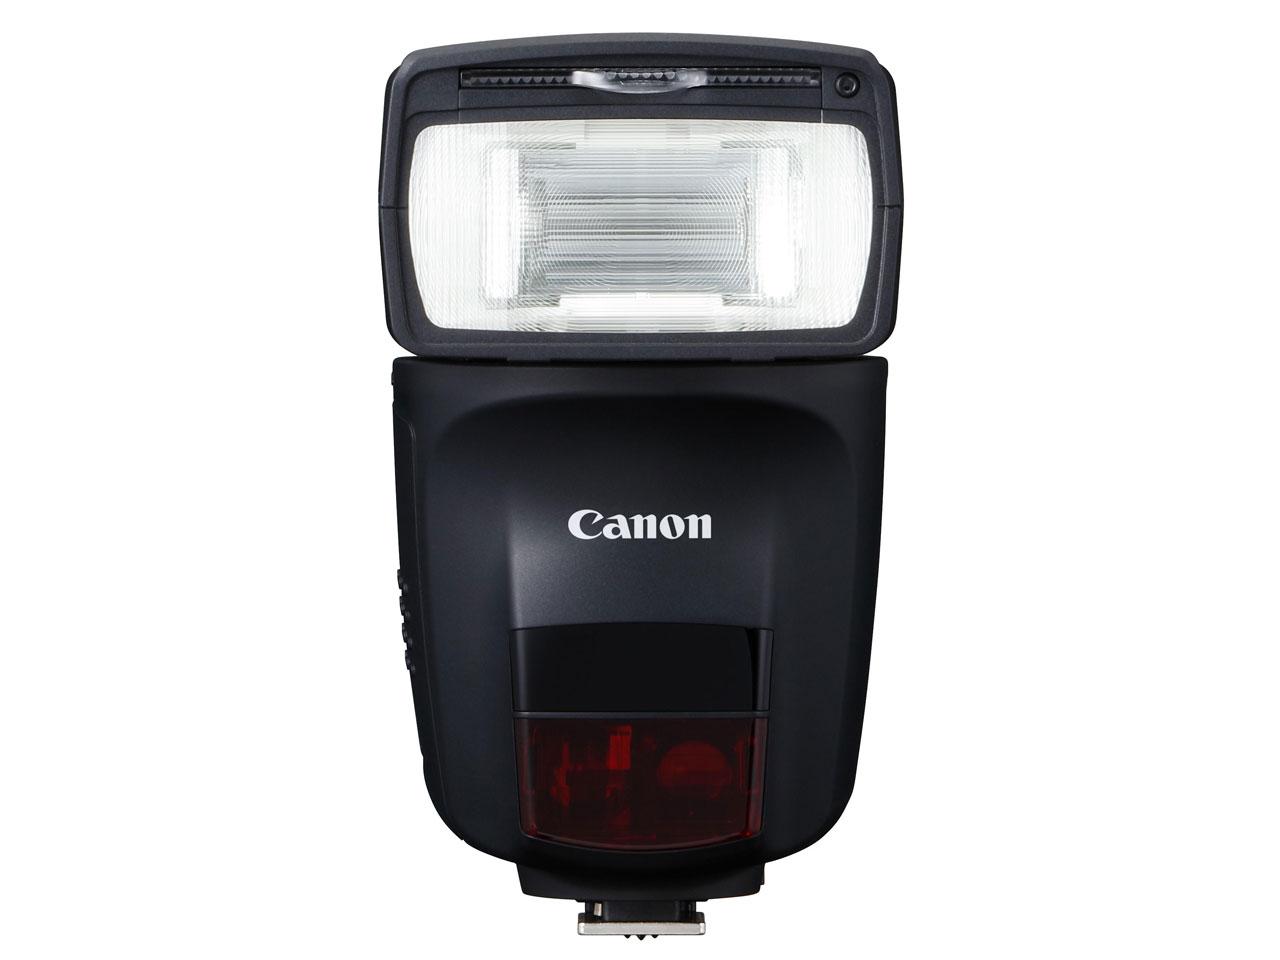 スピードライト 470EX-AI の製品画像